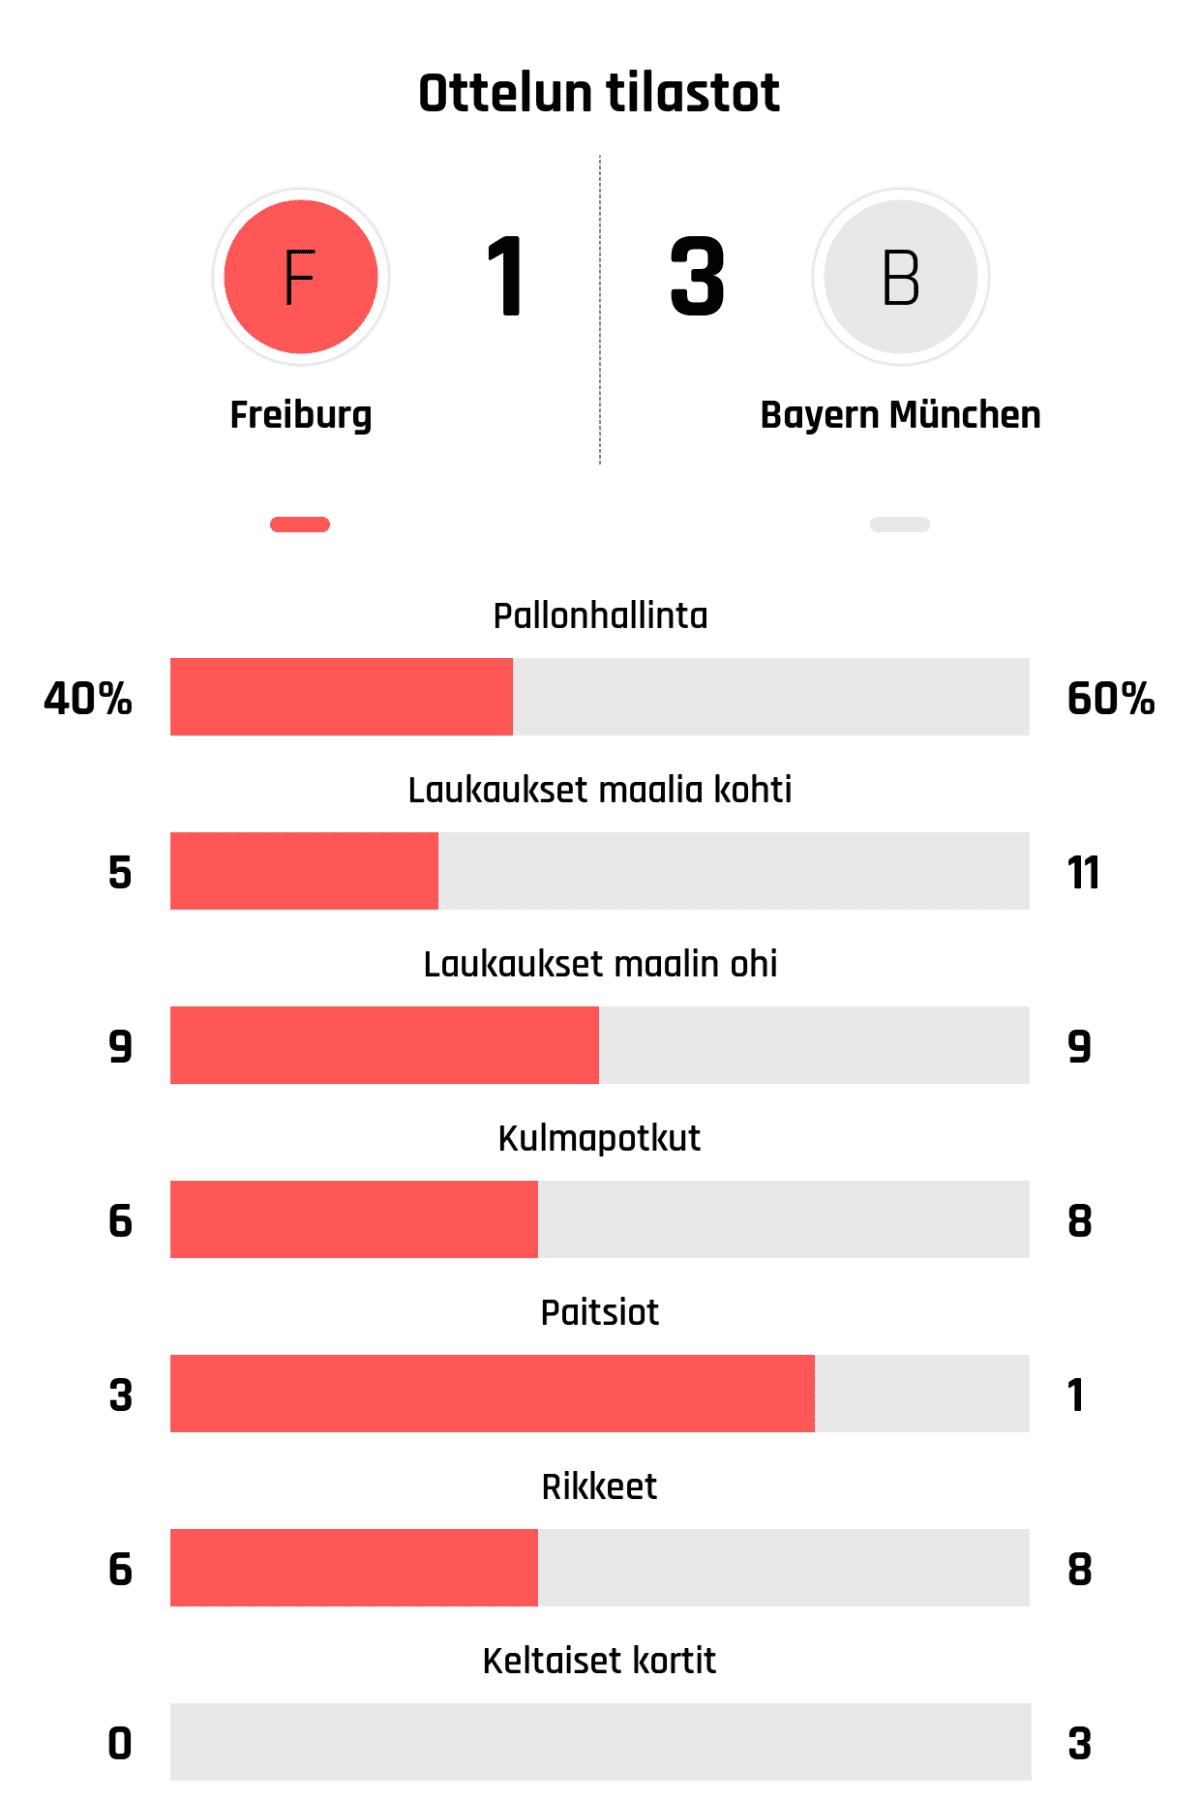 Pallonhallinta 40%-60% Laukaukset maalia kohti 5-11 Laukaukset maalin ohi 9-9 Kulmapotkut 6-8 Paitsiot 3-1 Rikkeet 6-8 Keltaiset kortit 0-3